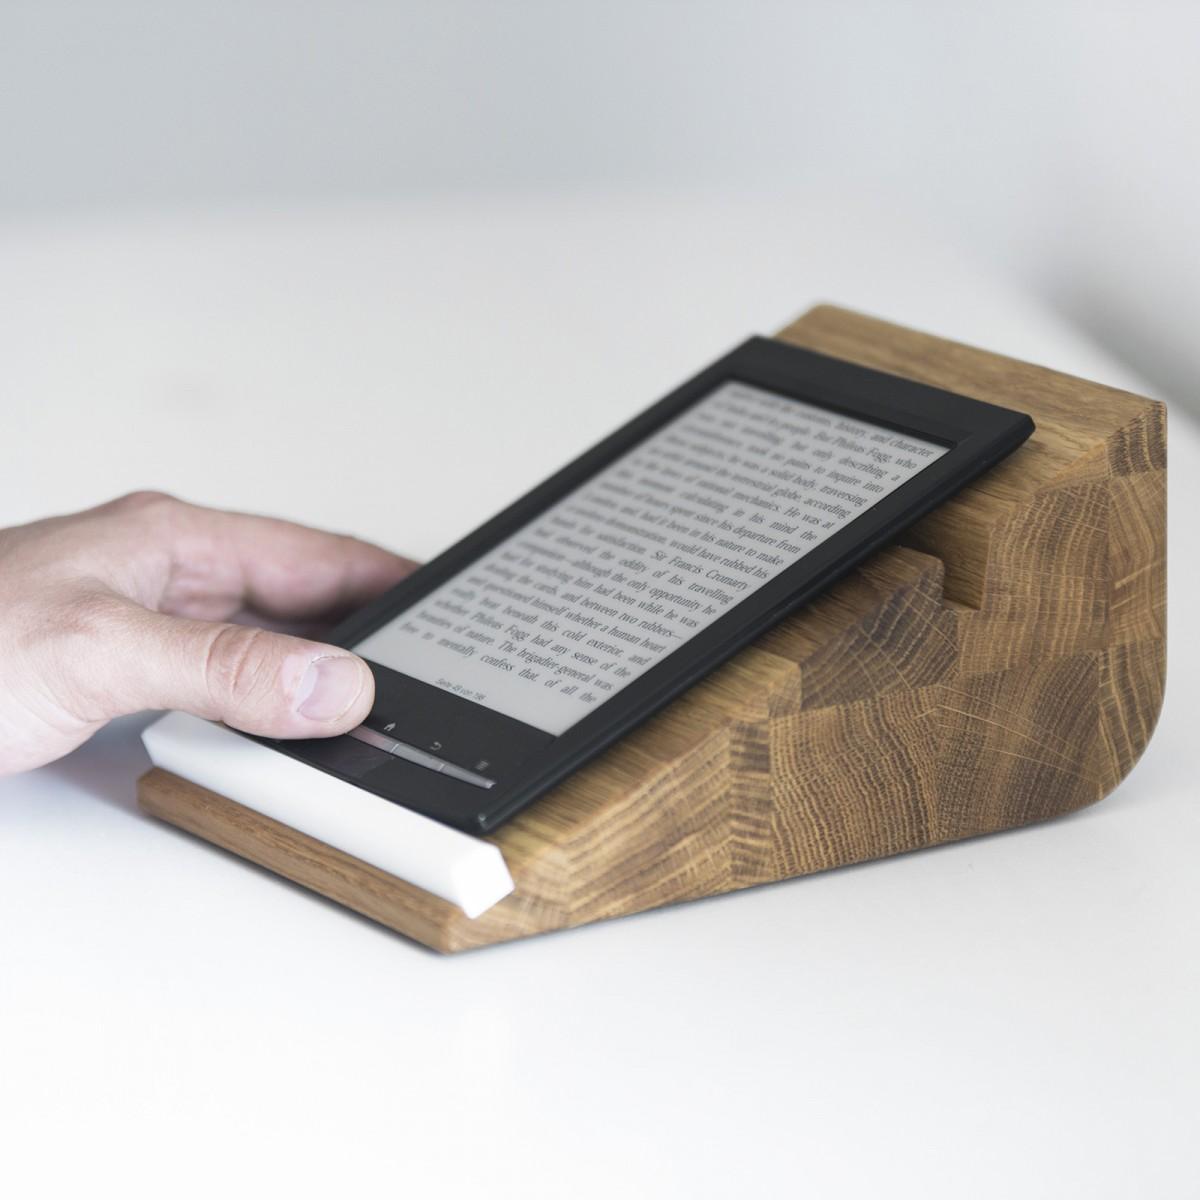 tablet halter tablojdo 8 ipad halter aus holz tablet halterung 8 zoll holzbutiq. Black Bedroom Furniture Sets. Home Design Ideas